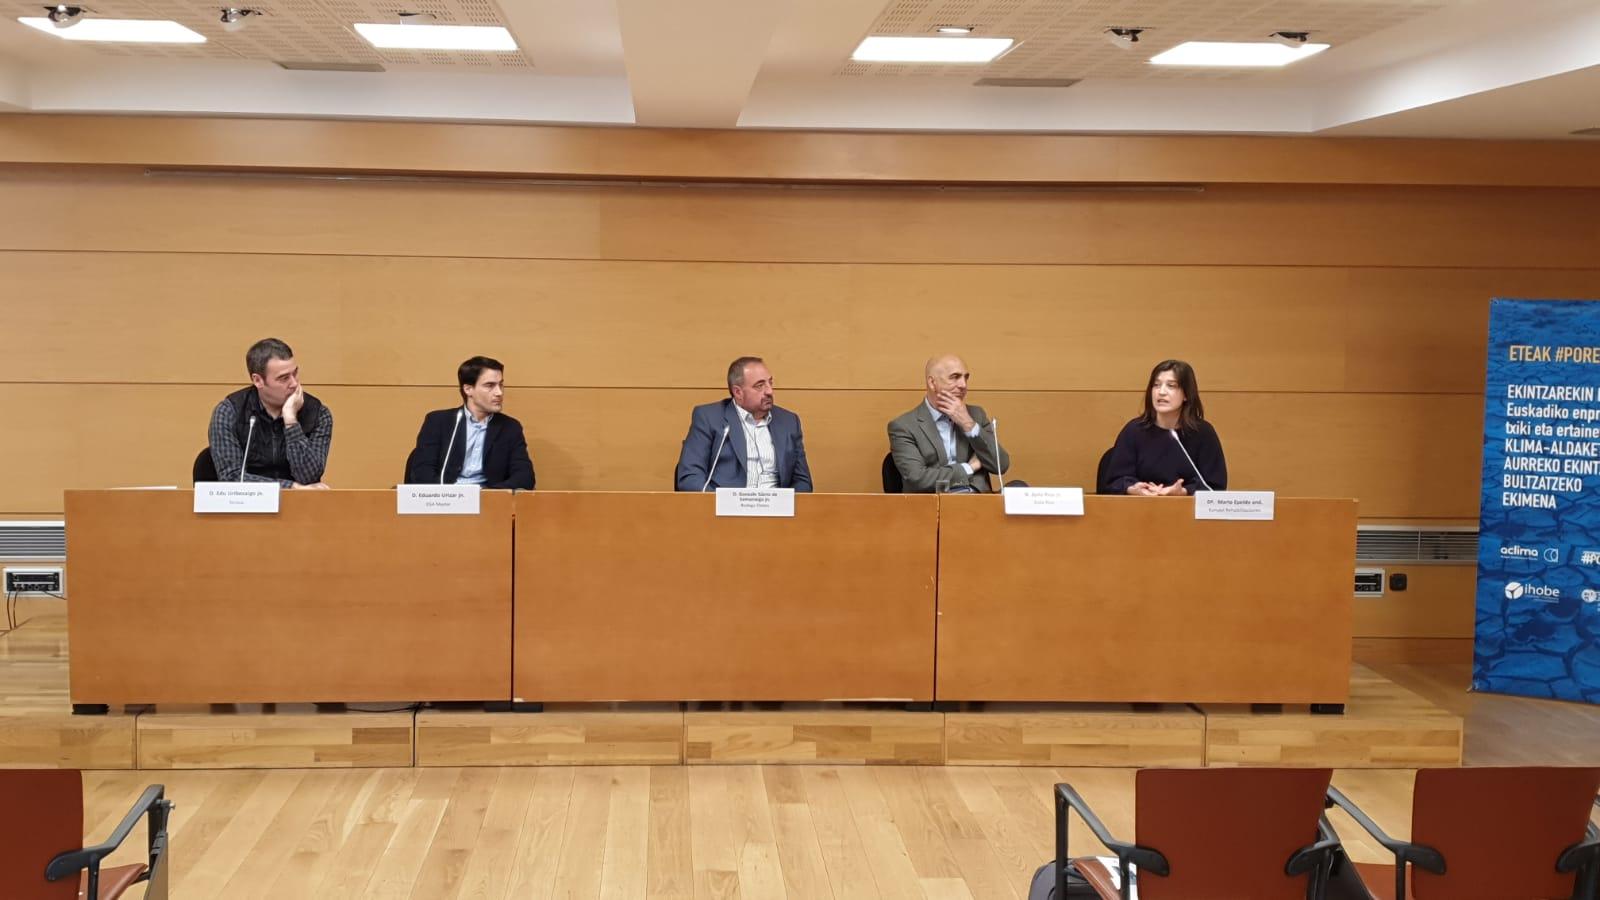 foto noticia: Participamos en ASTEKLIMA, la Semana del Cambio Climático de Euskadi